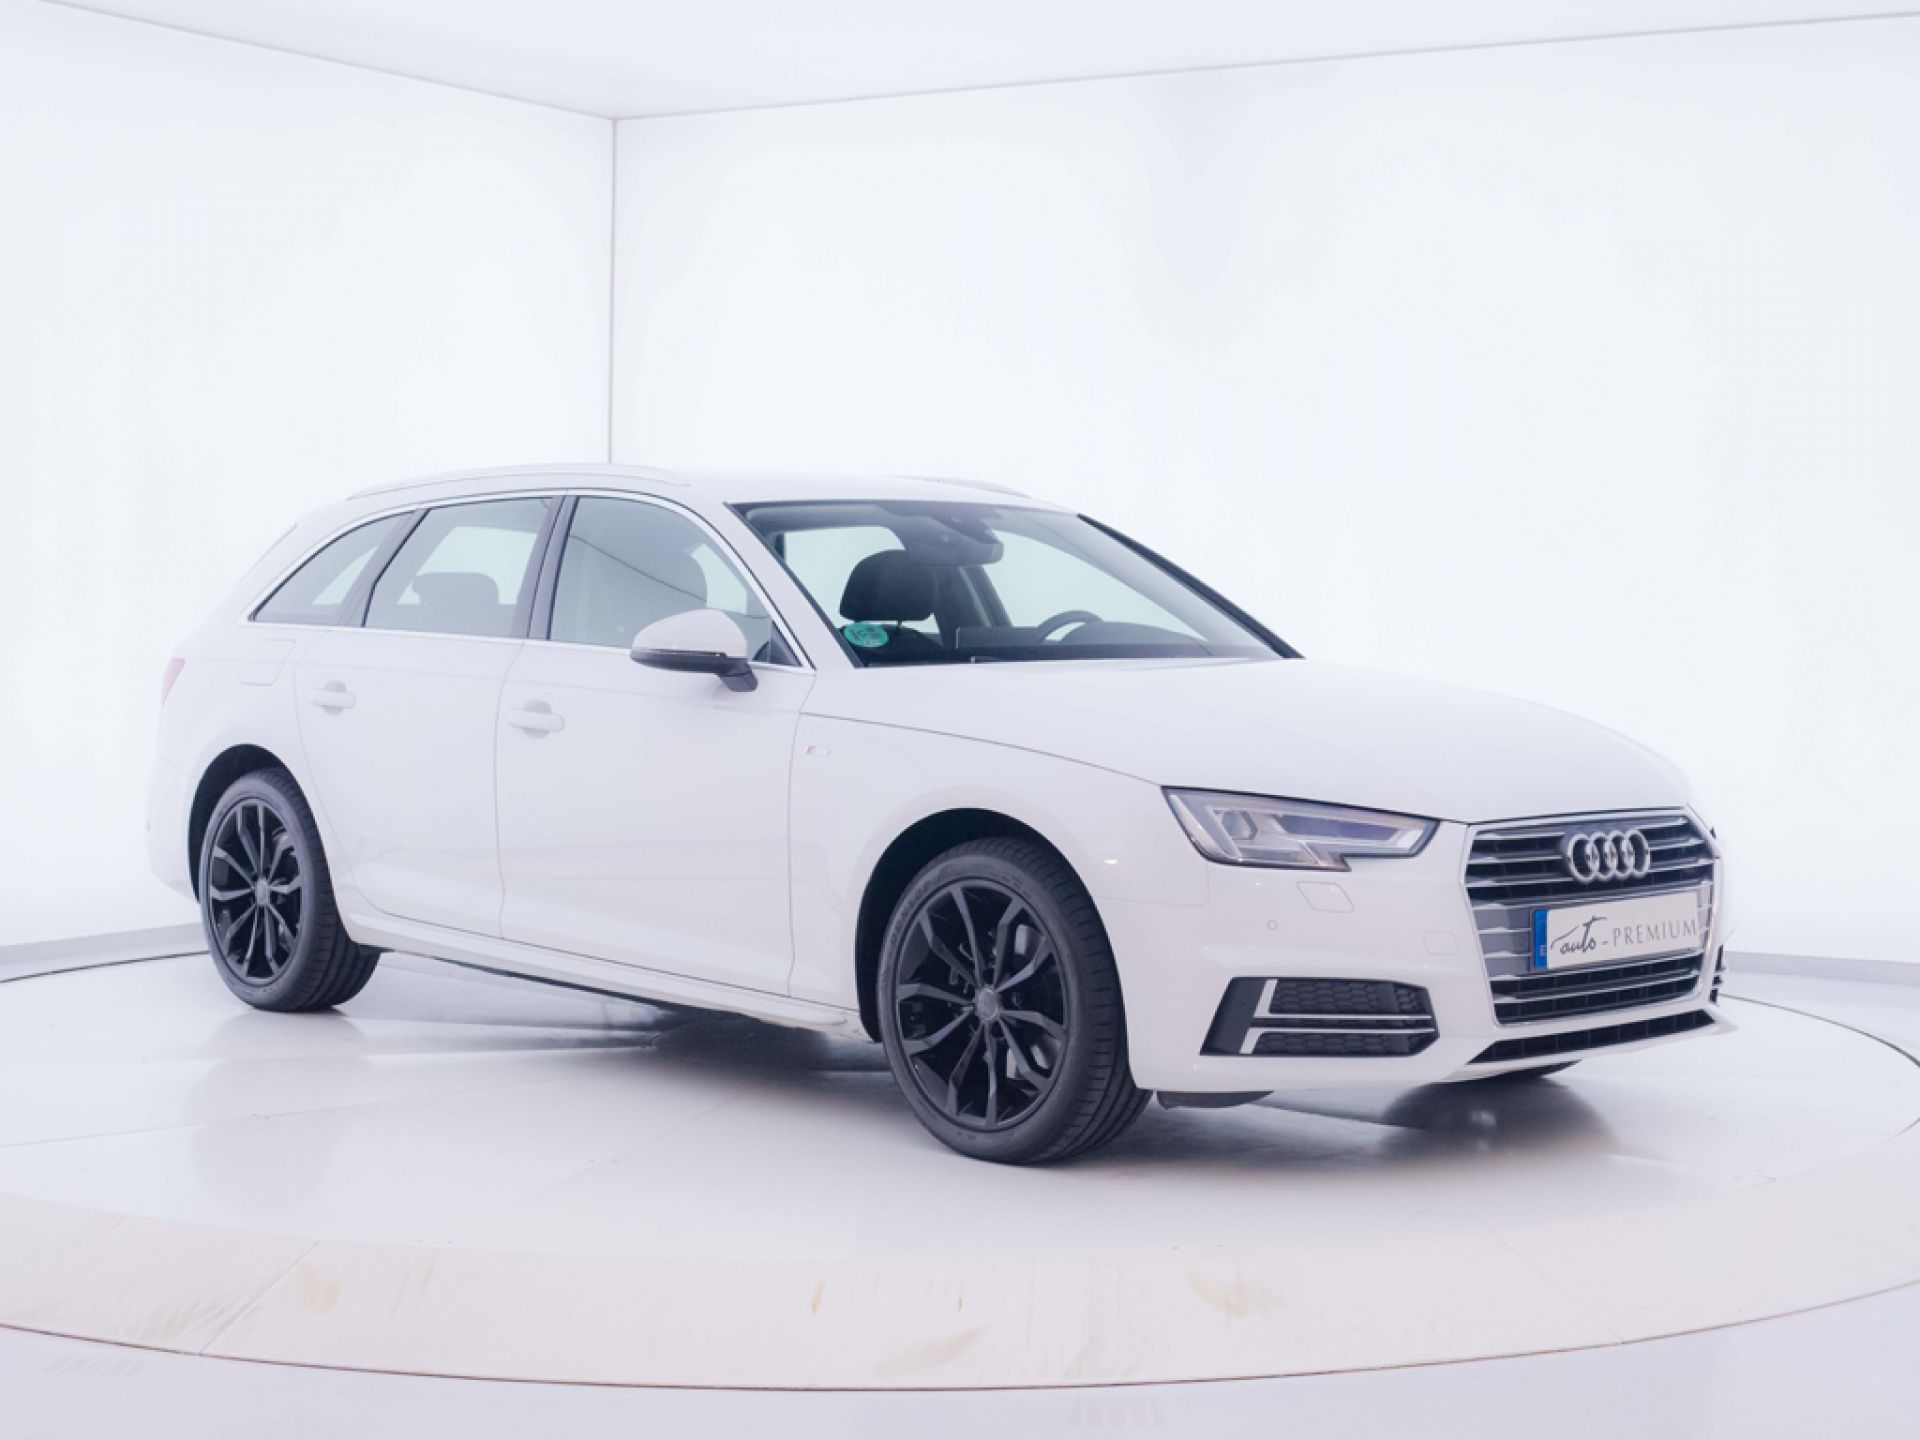 Audi A4 S line ed 1.4 TFSI (150CV) Avant